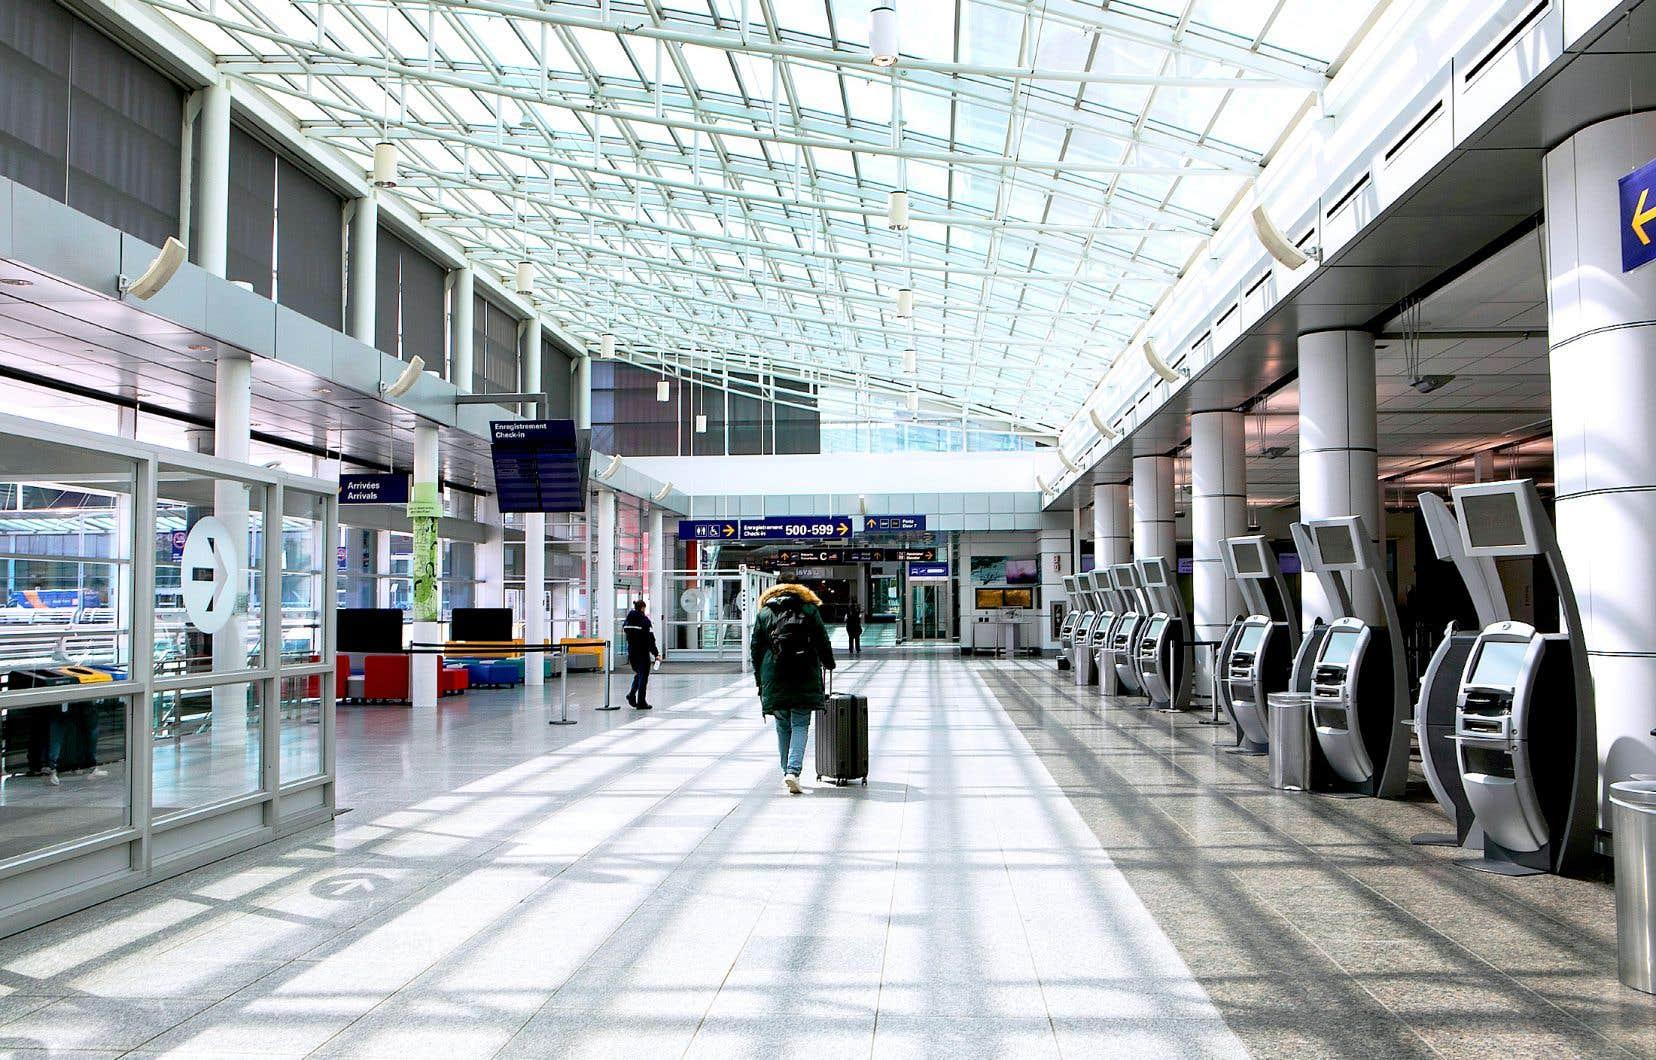 Ces derniers mois, plusieurs transporteurs aériens ont refusé de rembourser leurs clients, proposant plutôt un crédit-voyage ou un nouveau vol ultérieur.